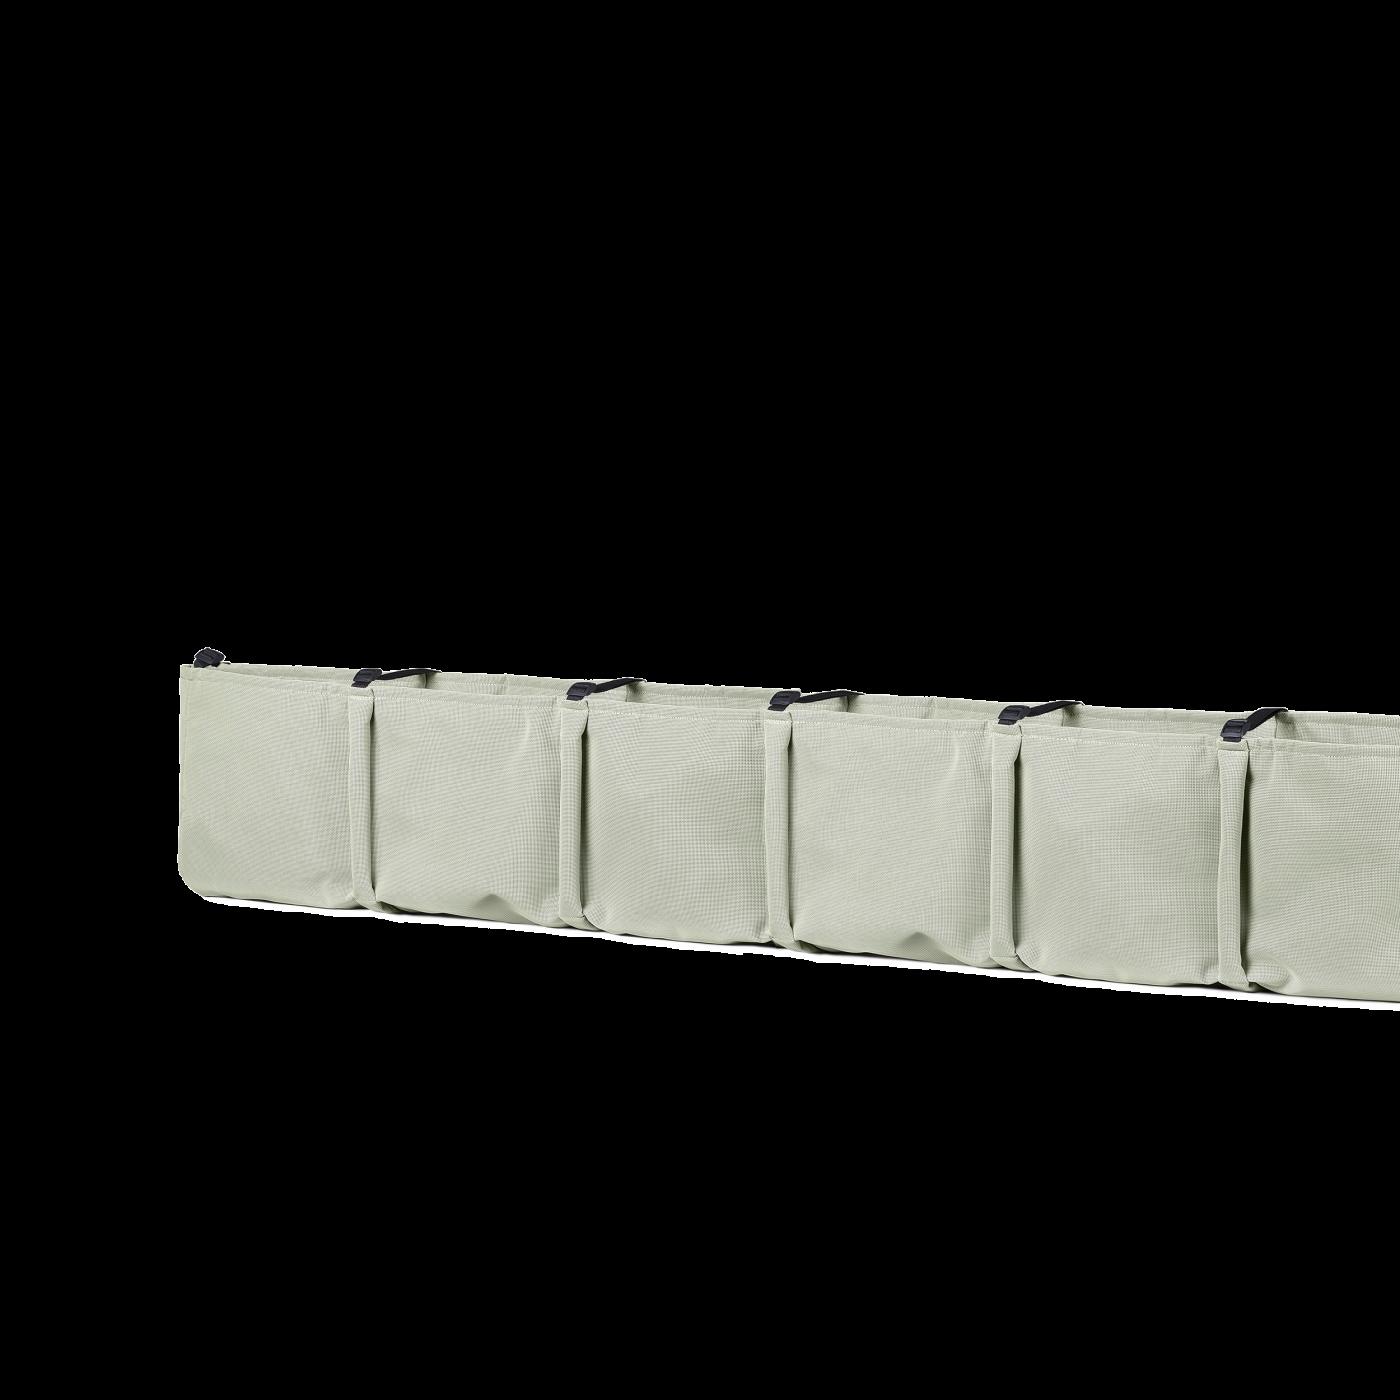 BACLINE – CUSTOMISED PLANTERS